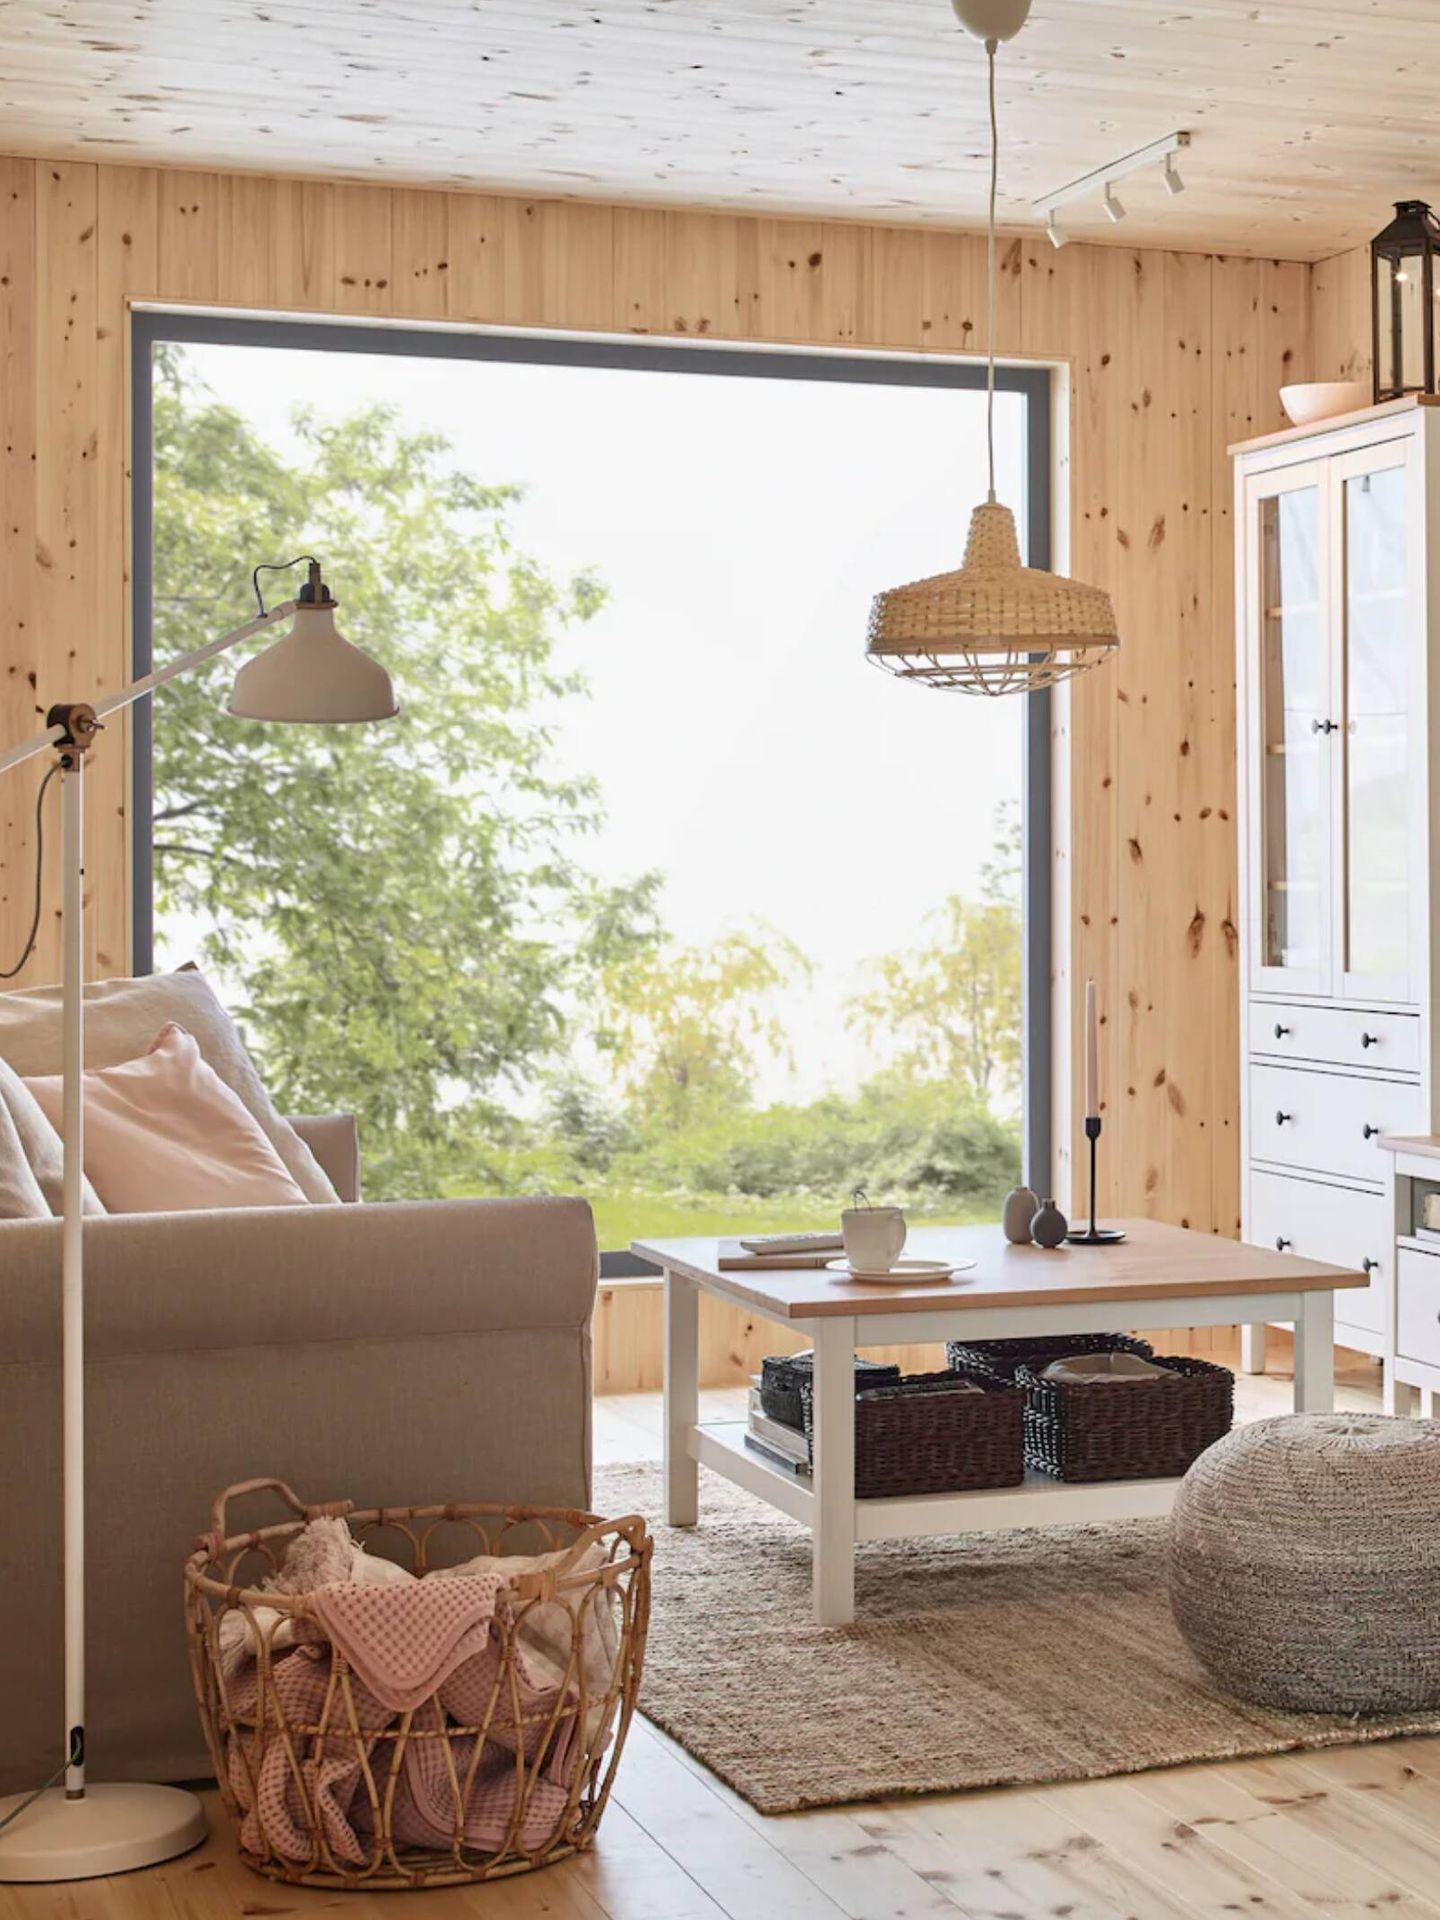 Ideas de Ikea para decorar salones. (Cortesía)